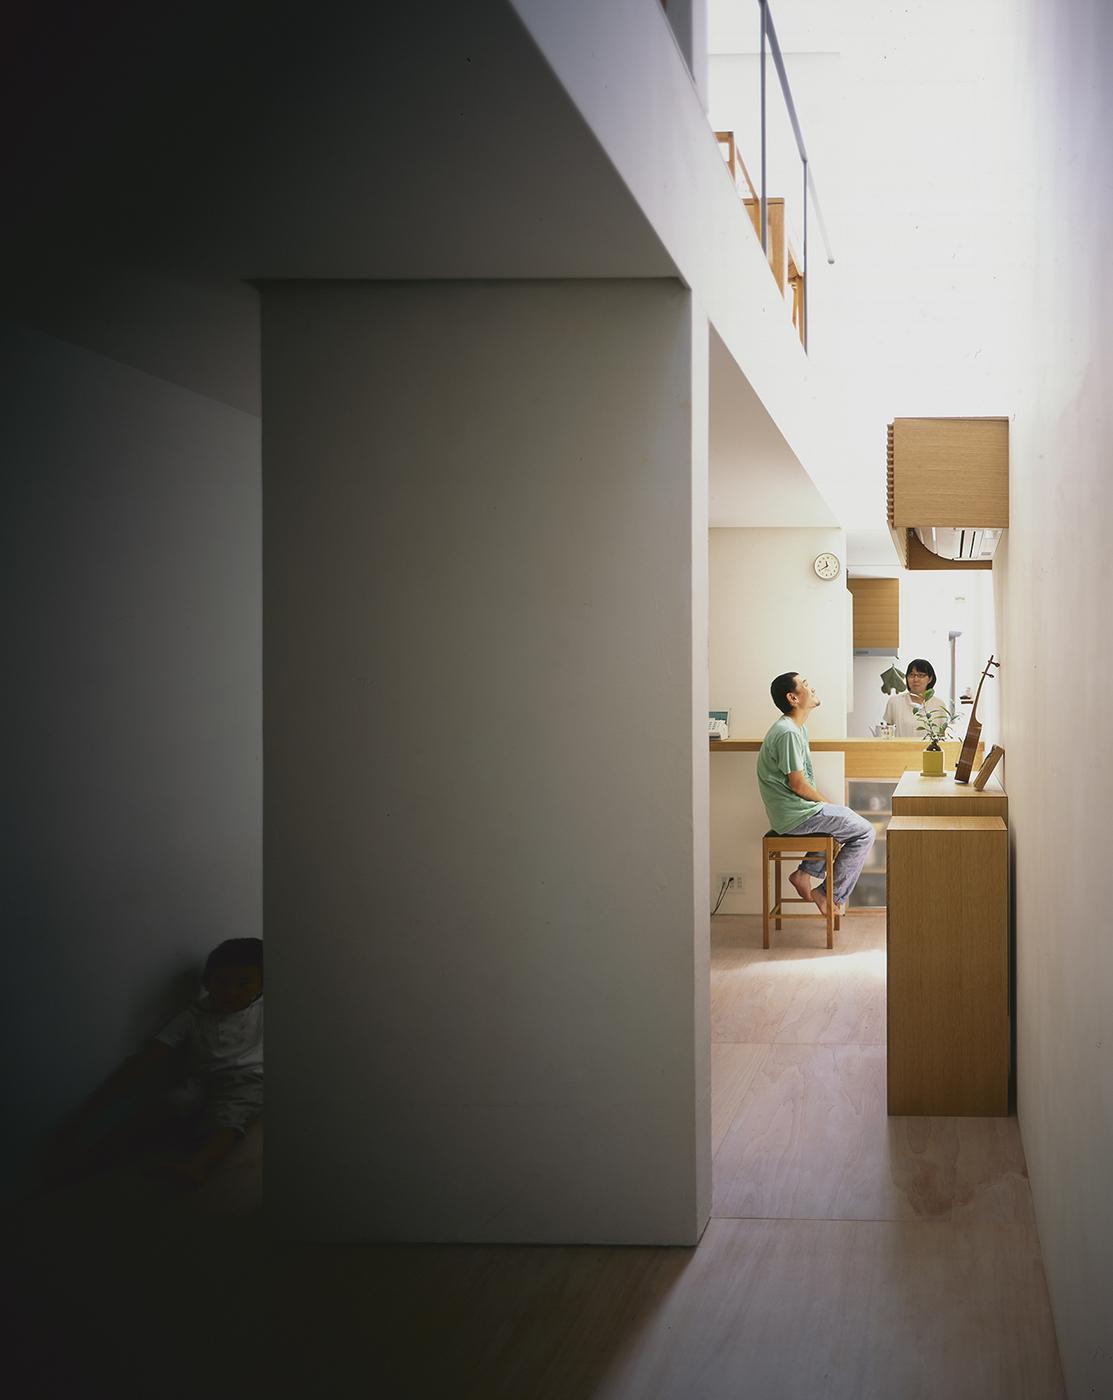 家具職人と建築家のコラボ